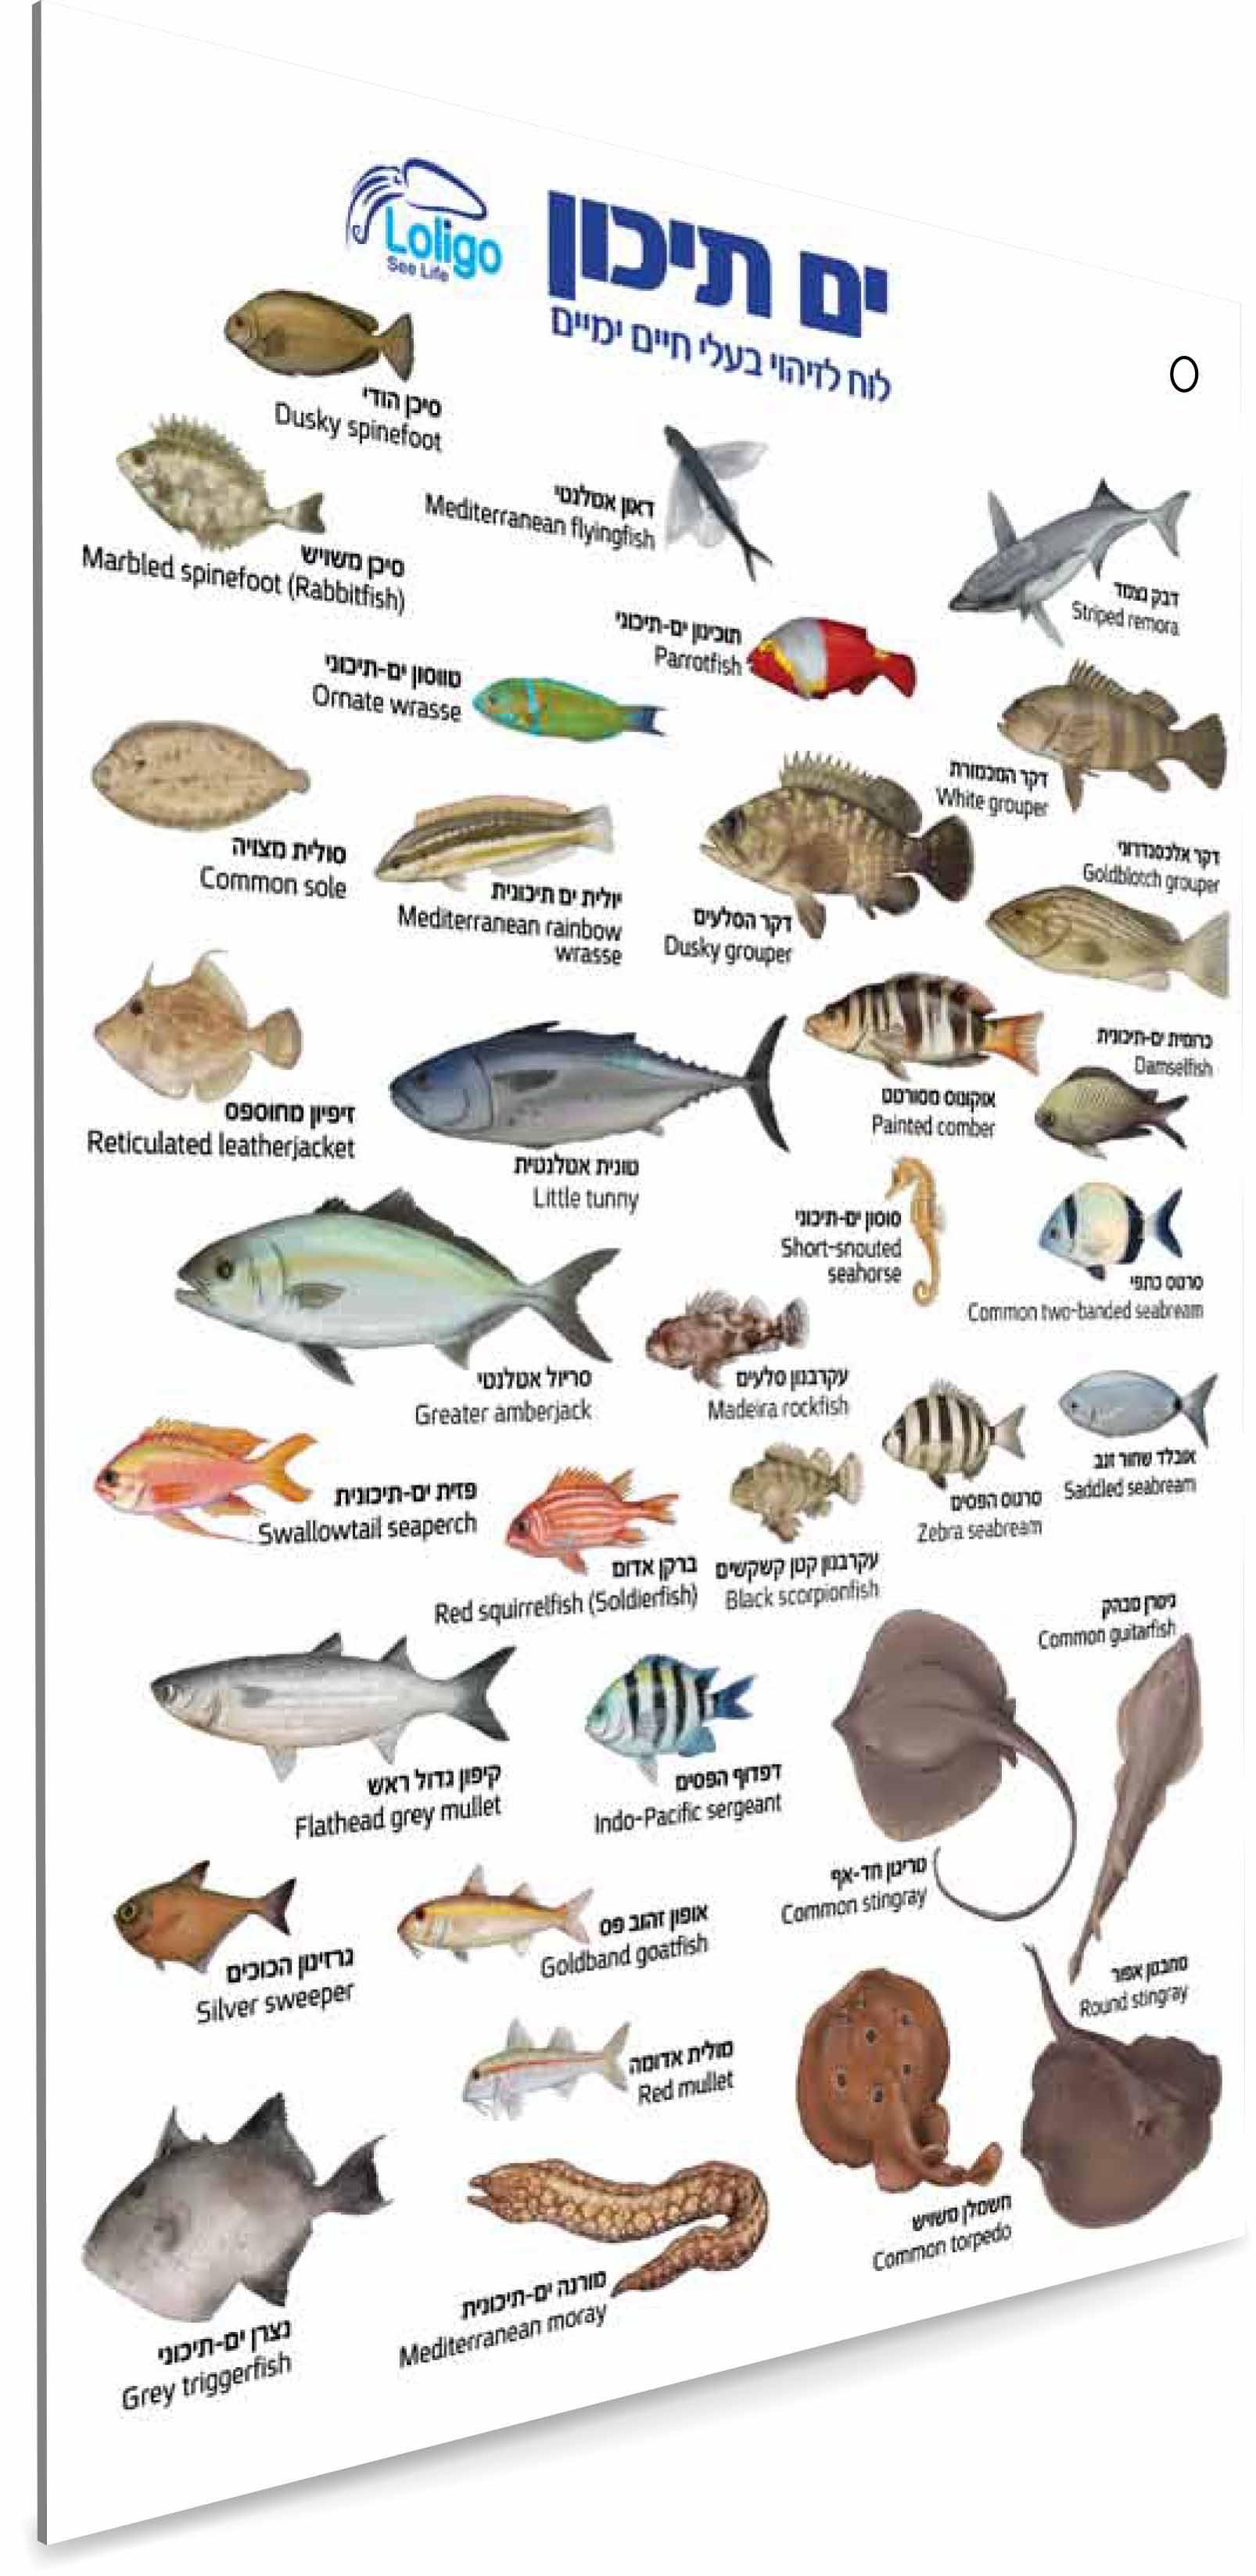 מדריך תת-ימי לזיהוי בעלי חיים בים התיכון